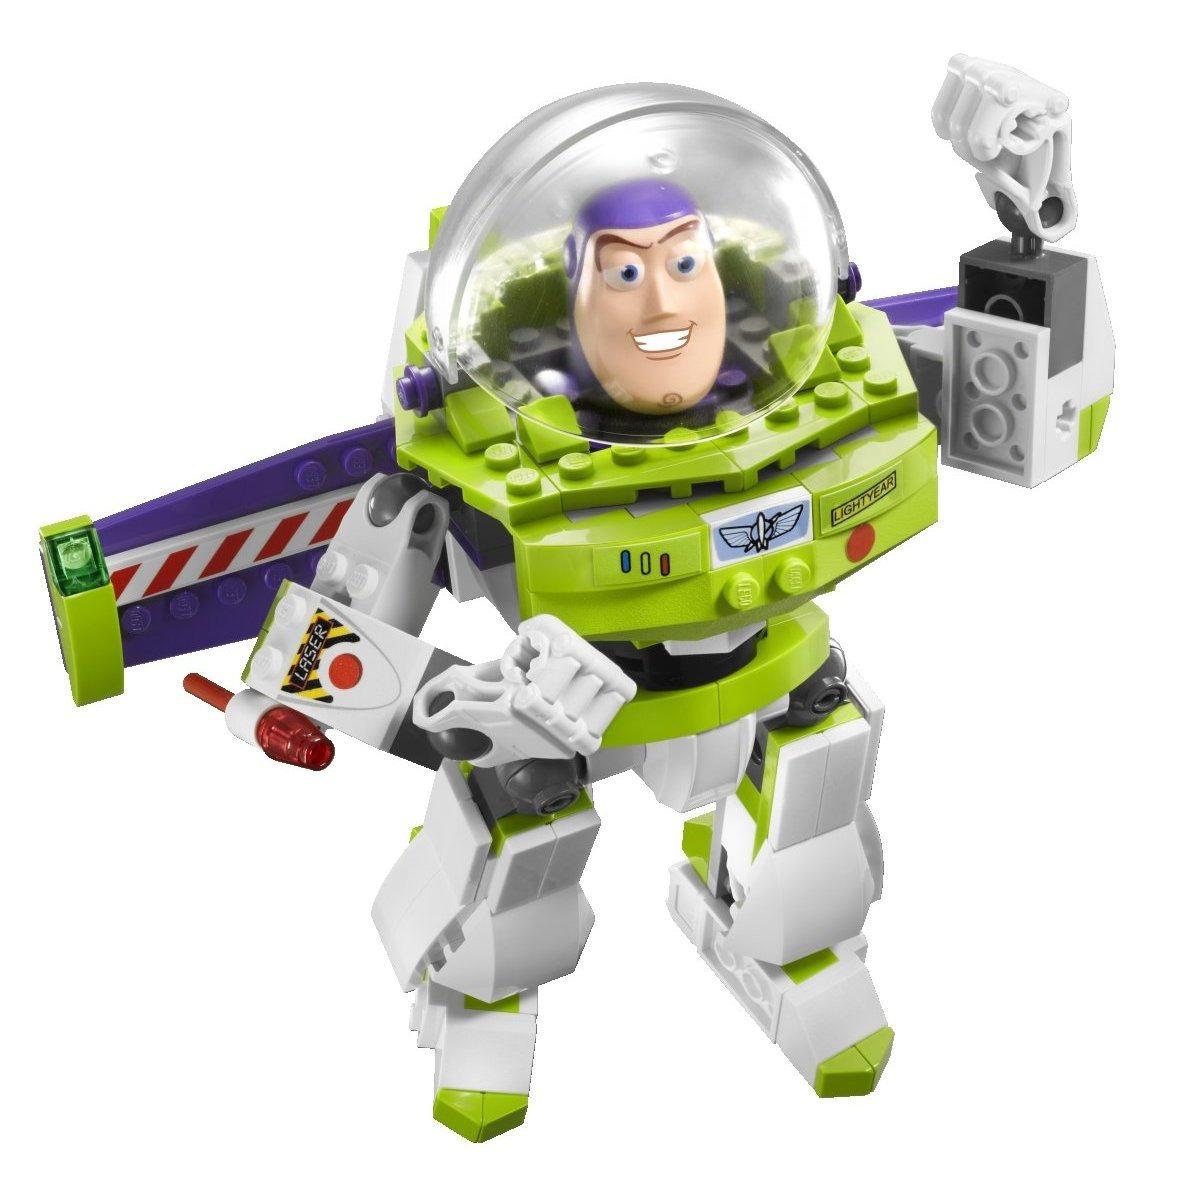 Buzz Lightyear Toy A buzz lightyear toy story